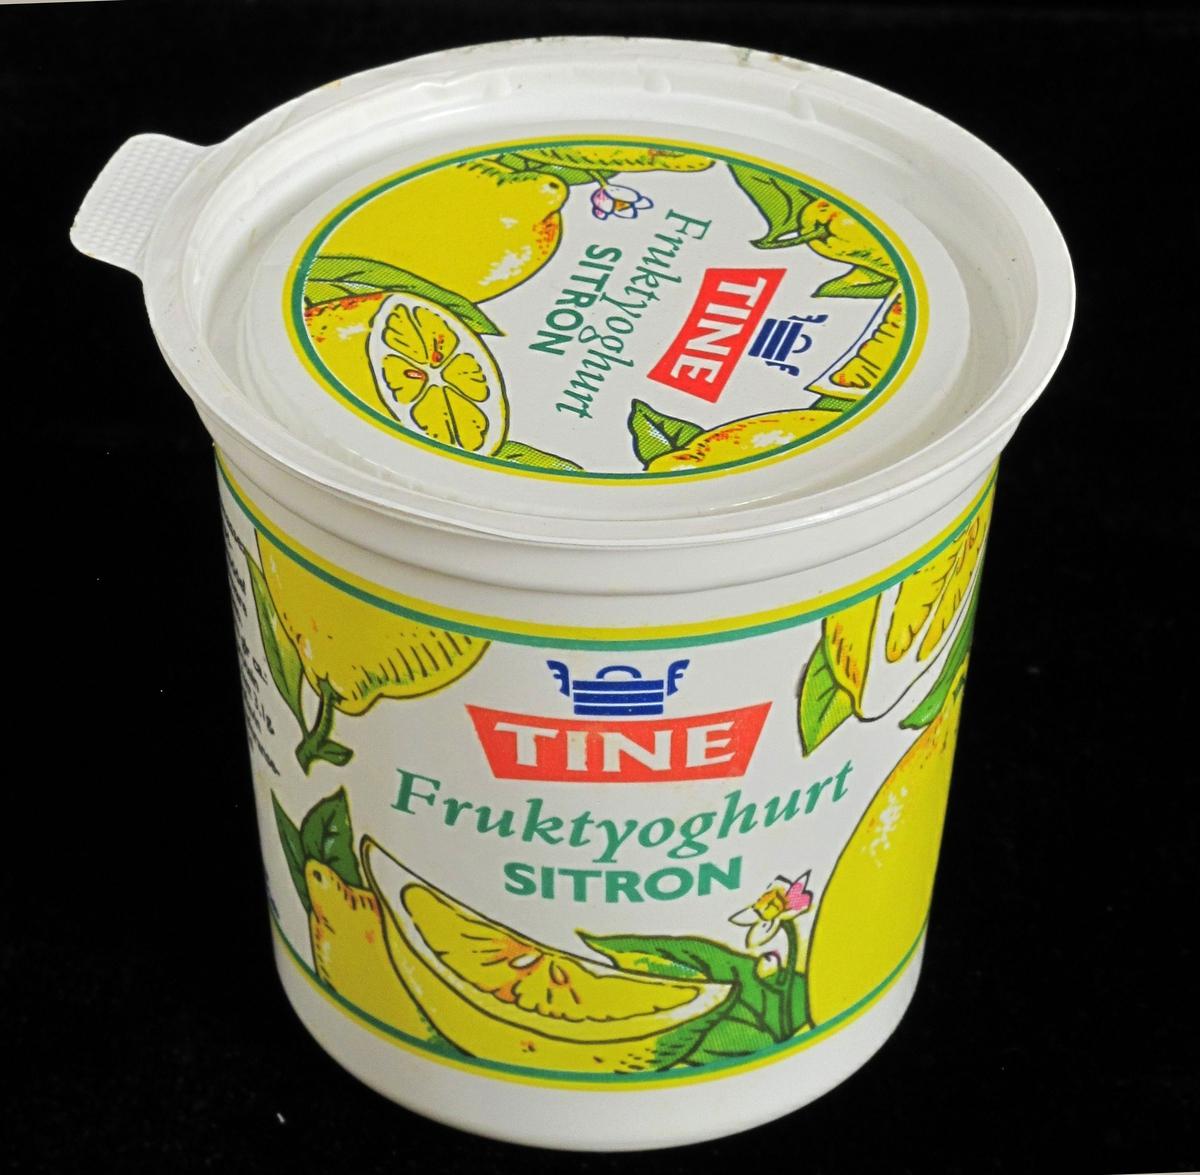 Frukt, sitron